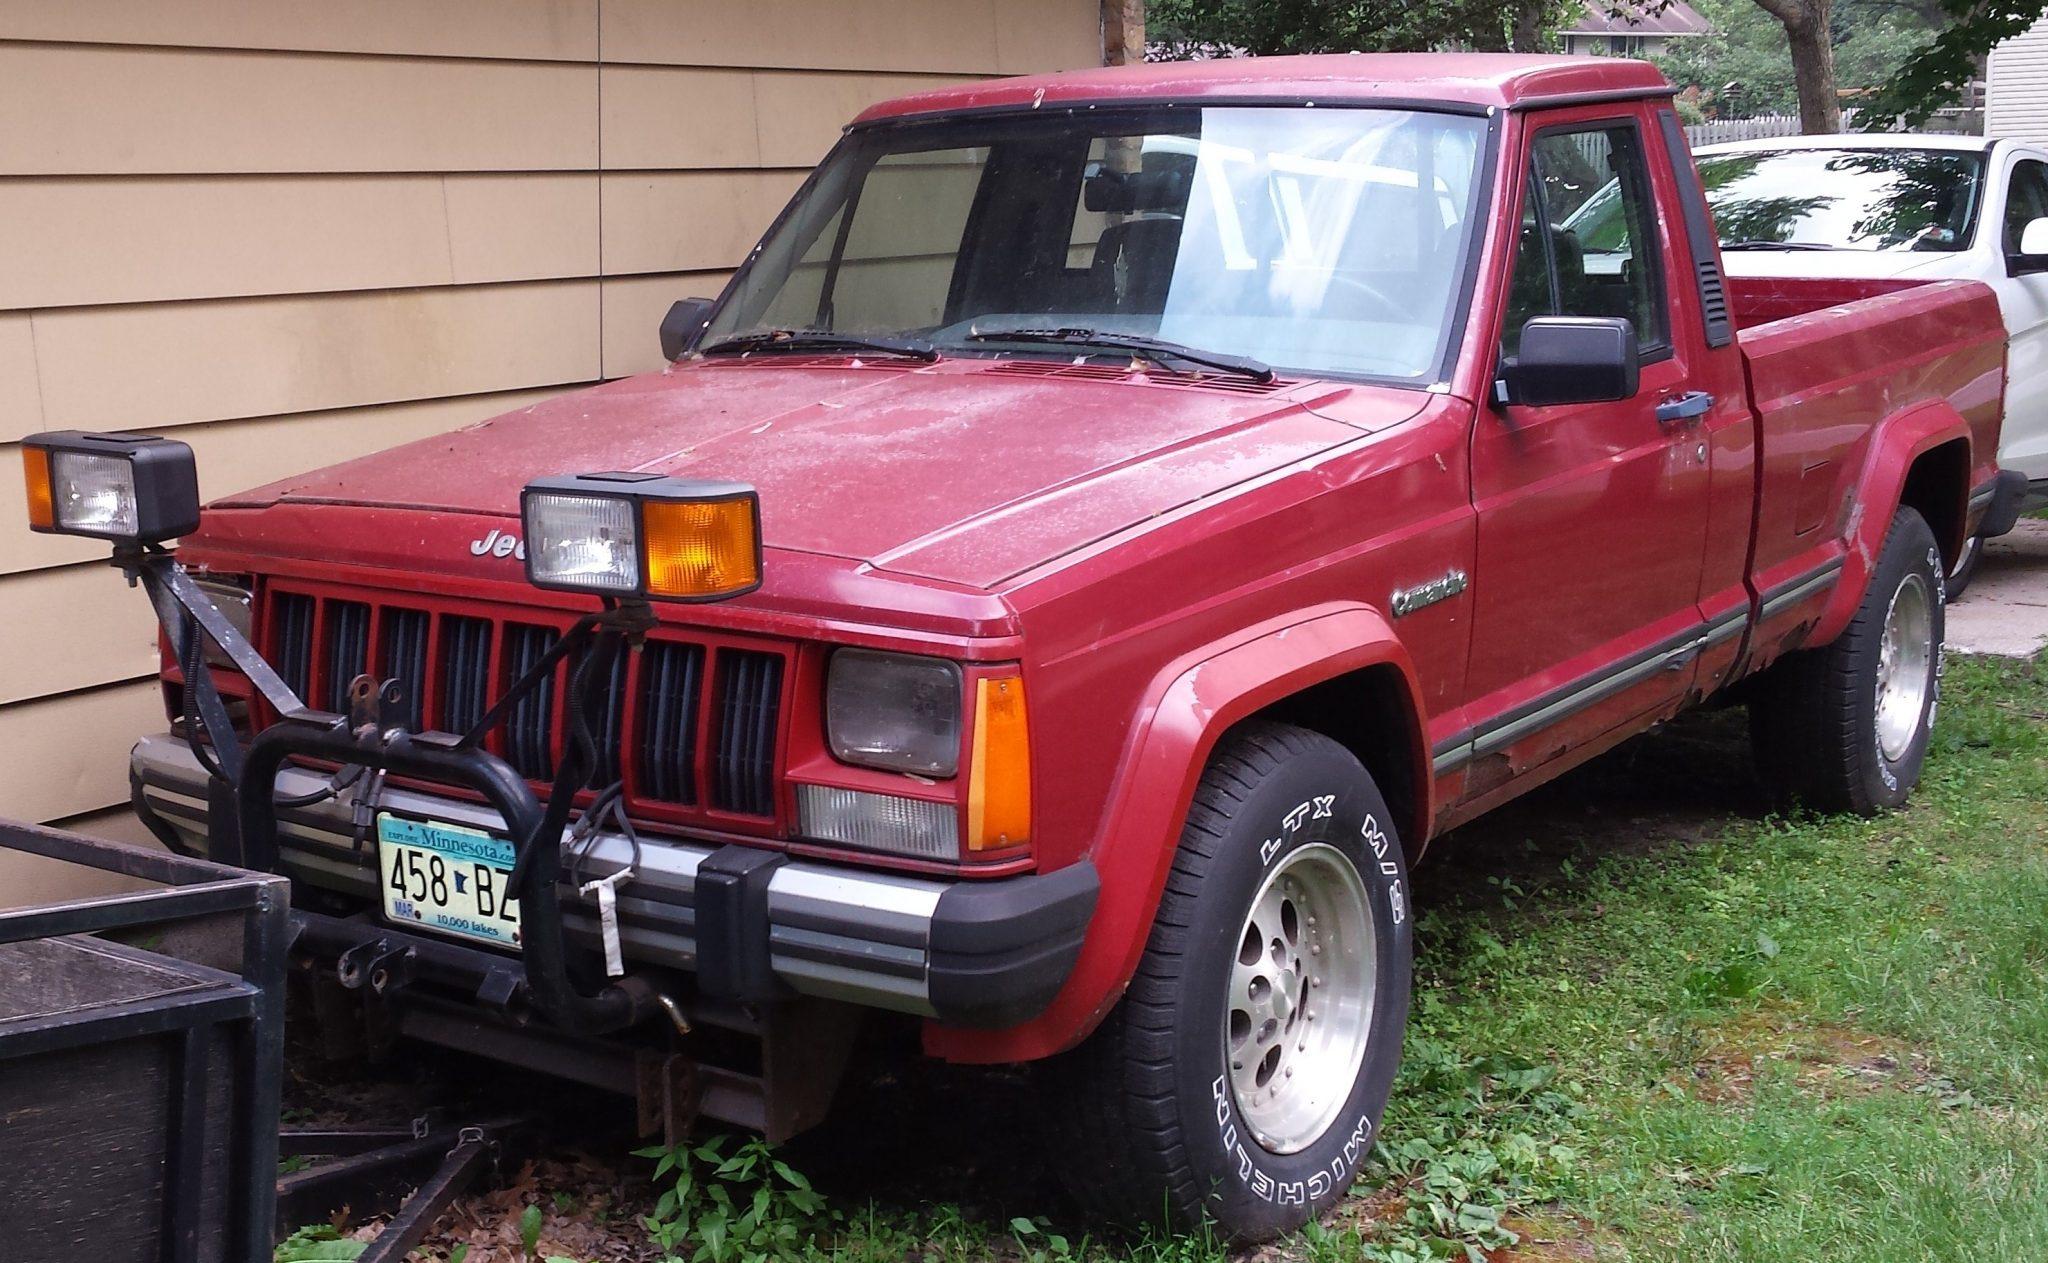 1988 jeep comanche eliminator 4 0l 5spd for sale in coon rapids mn 2k. Black Bedroom Furniture Sets. Home Design Ideas